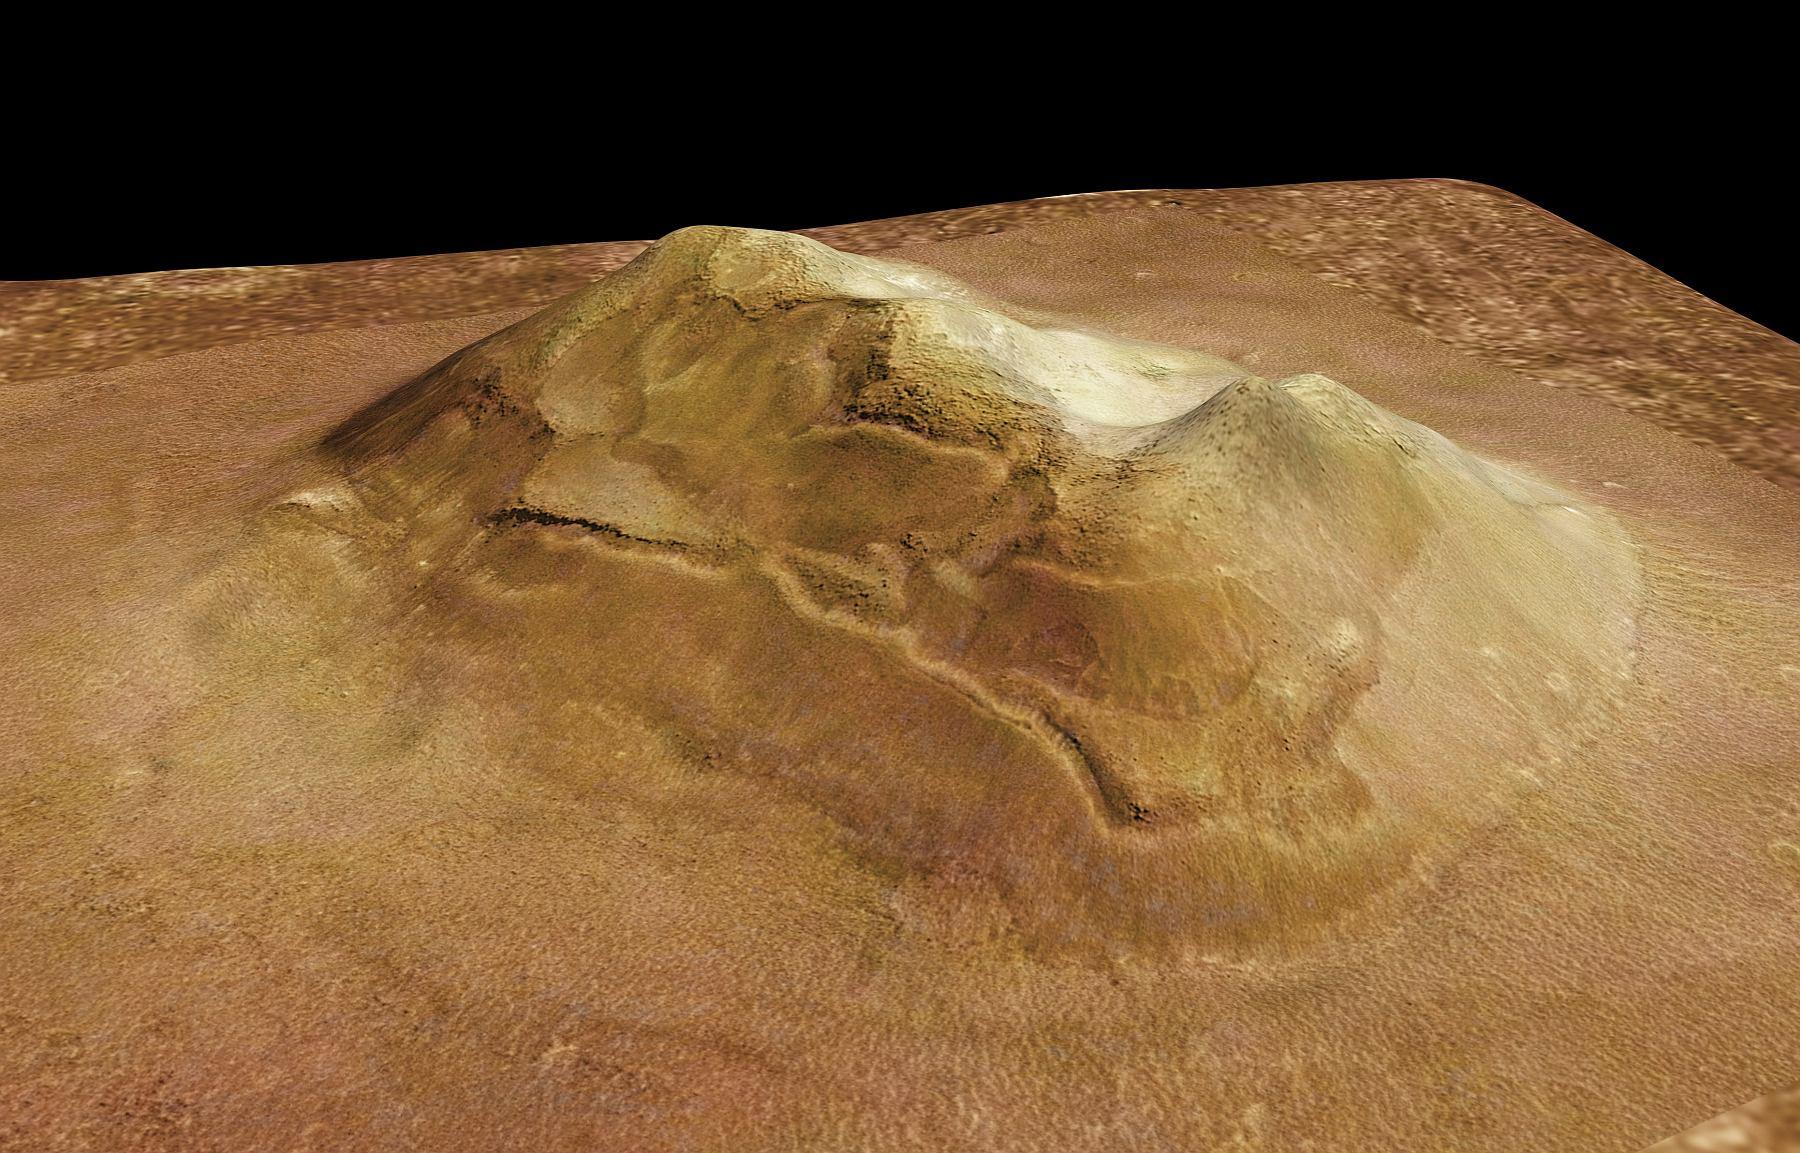 Компьютерная мультипликация Лица нате Марсе